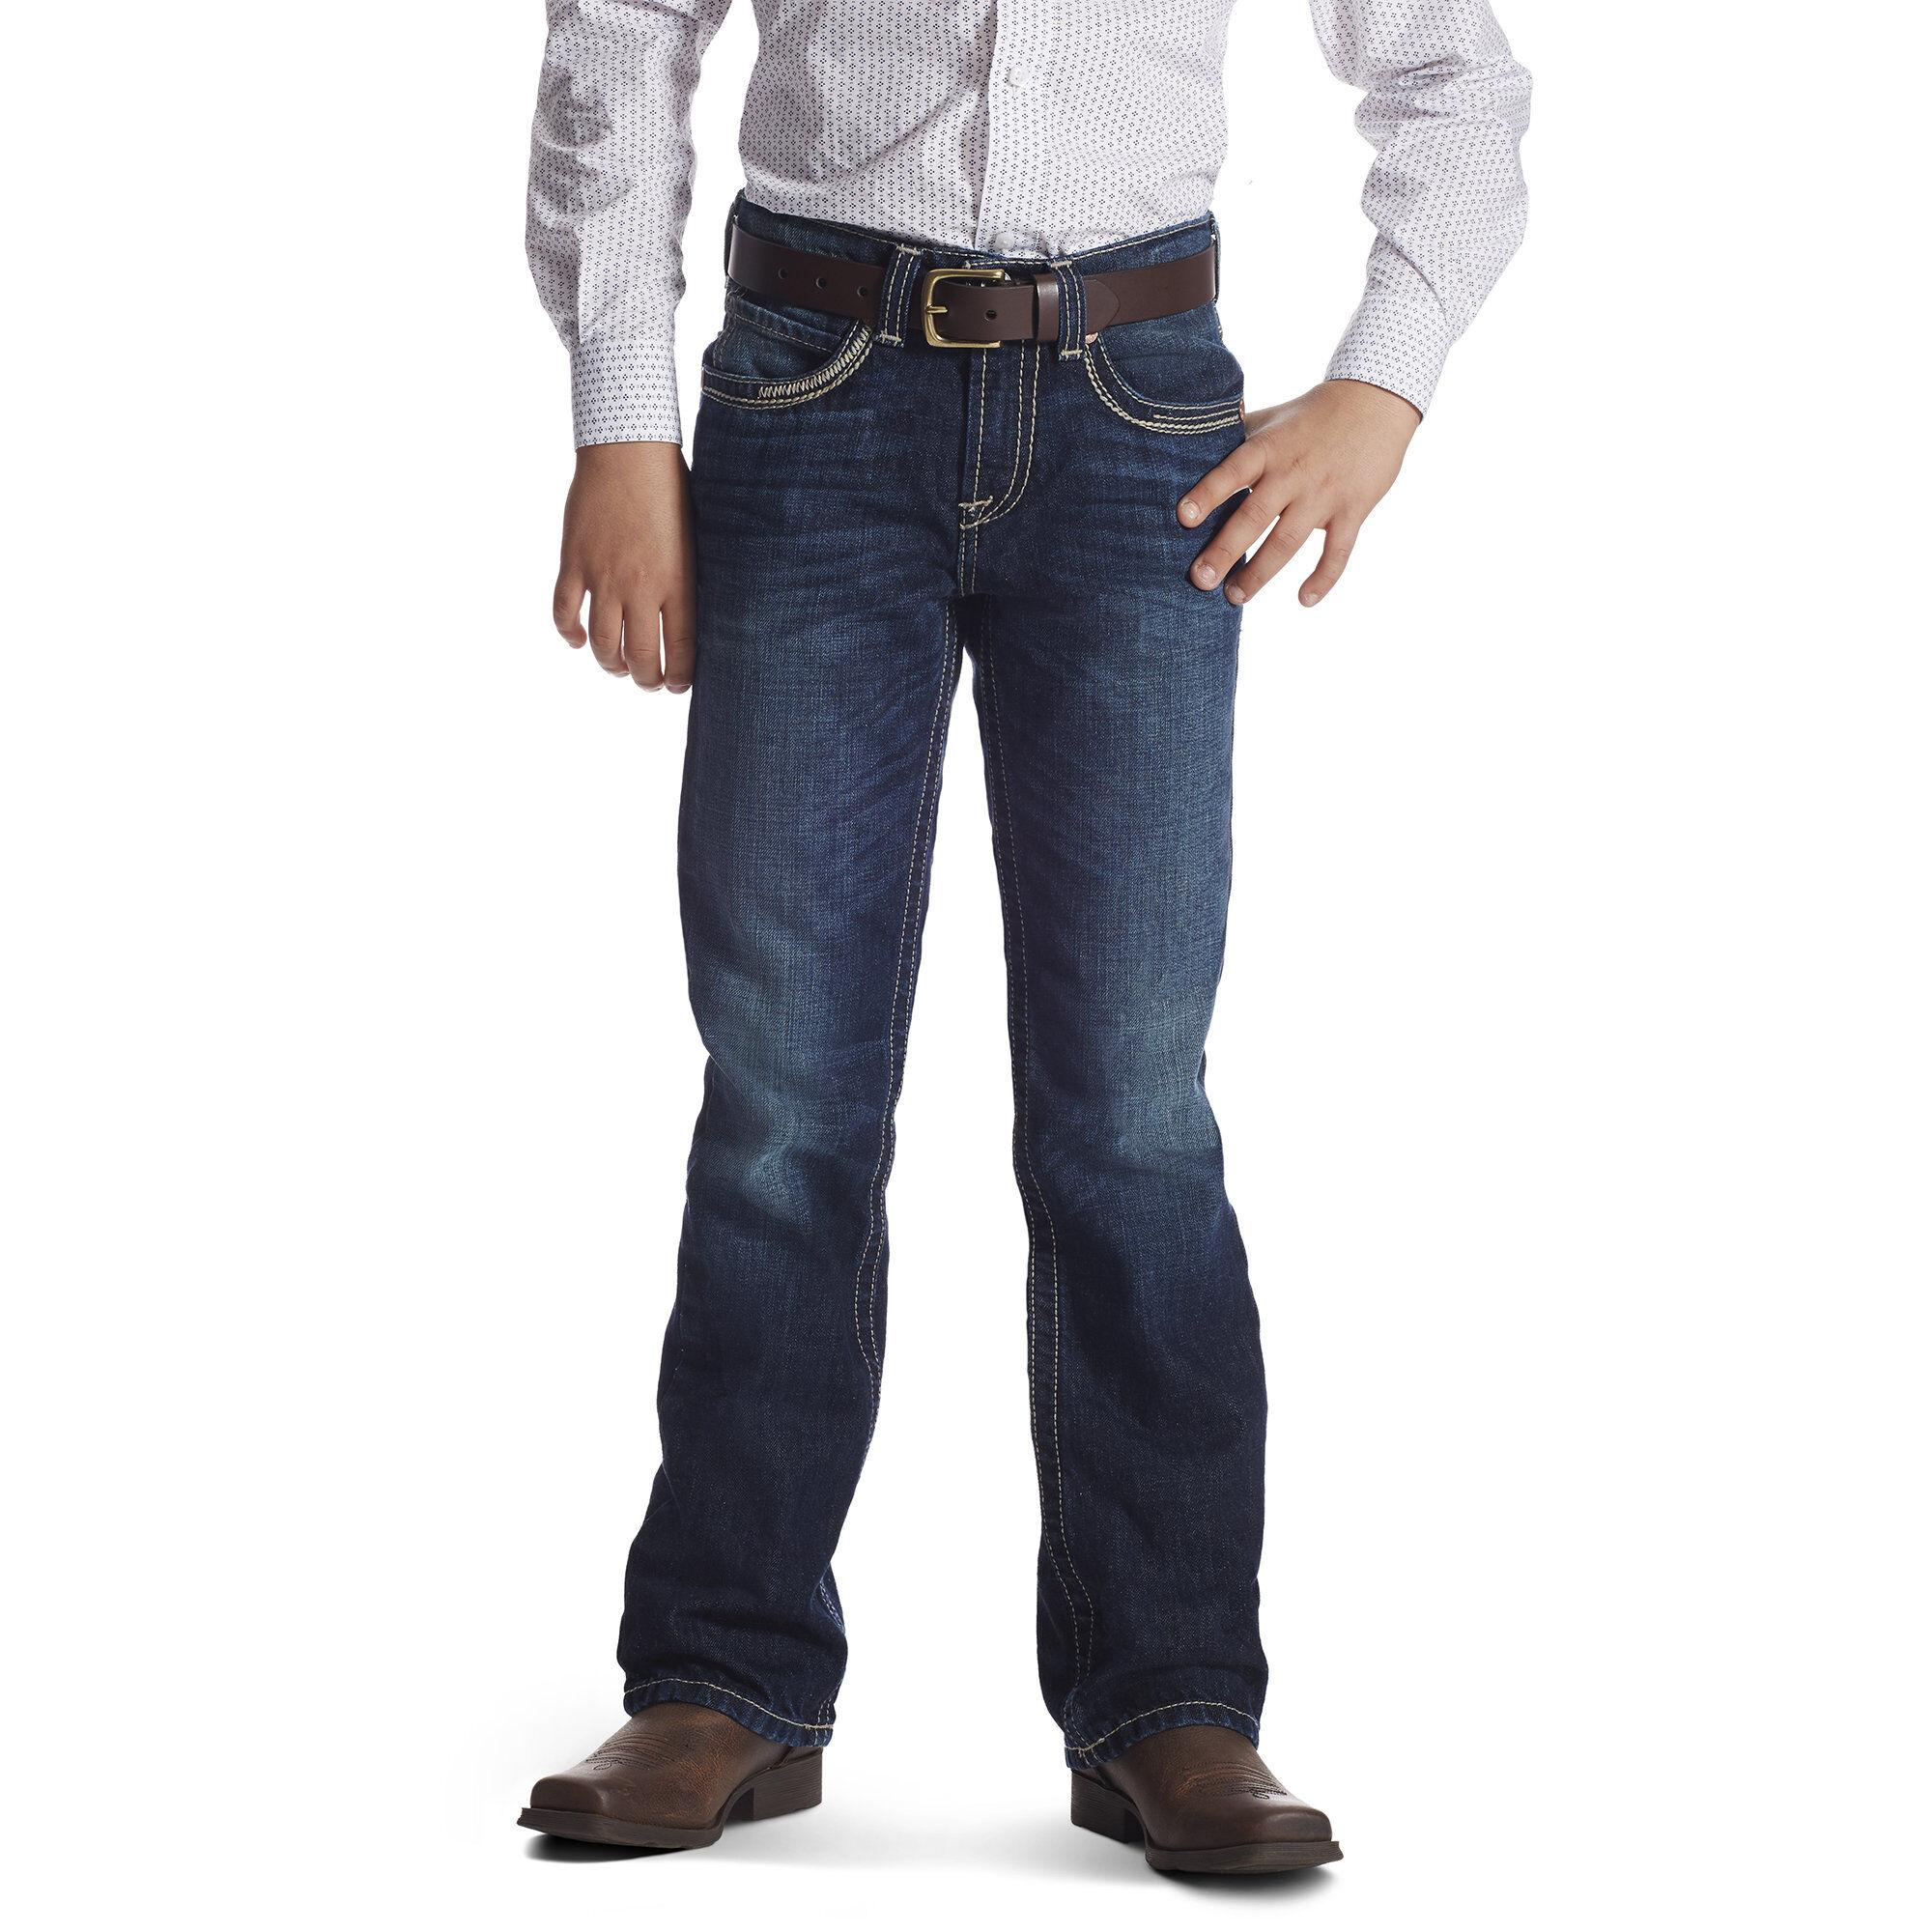 B4 Relaxed Ridgeline Boot Cut Jean